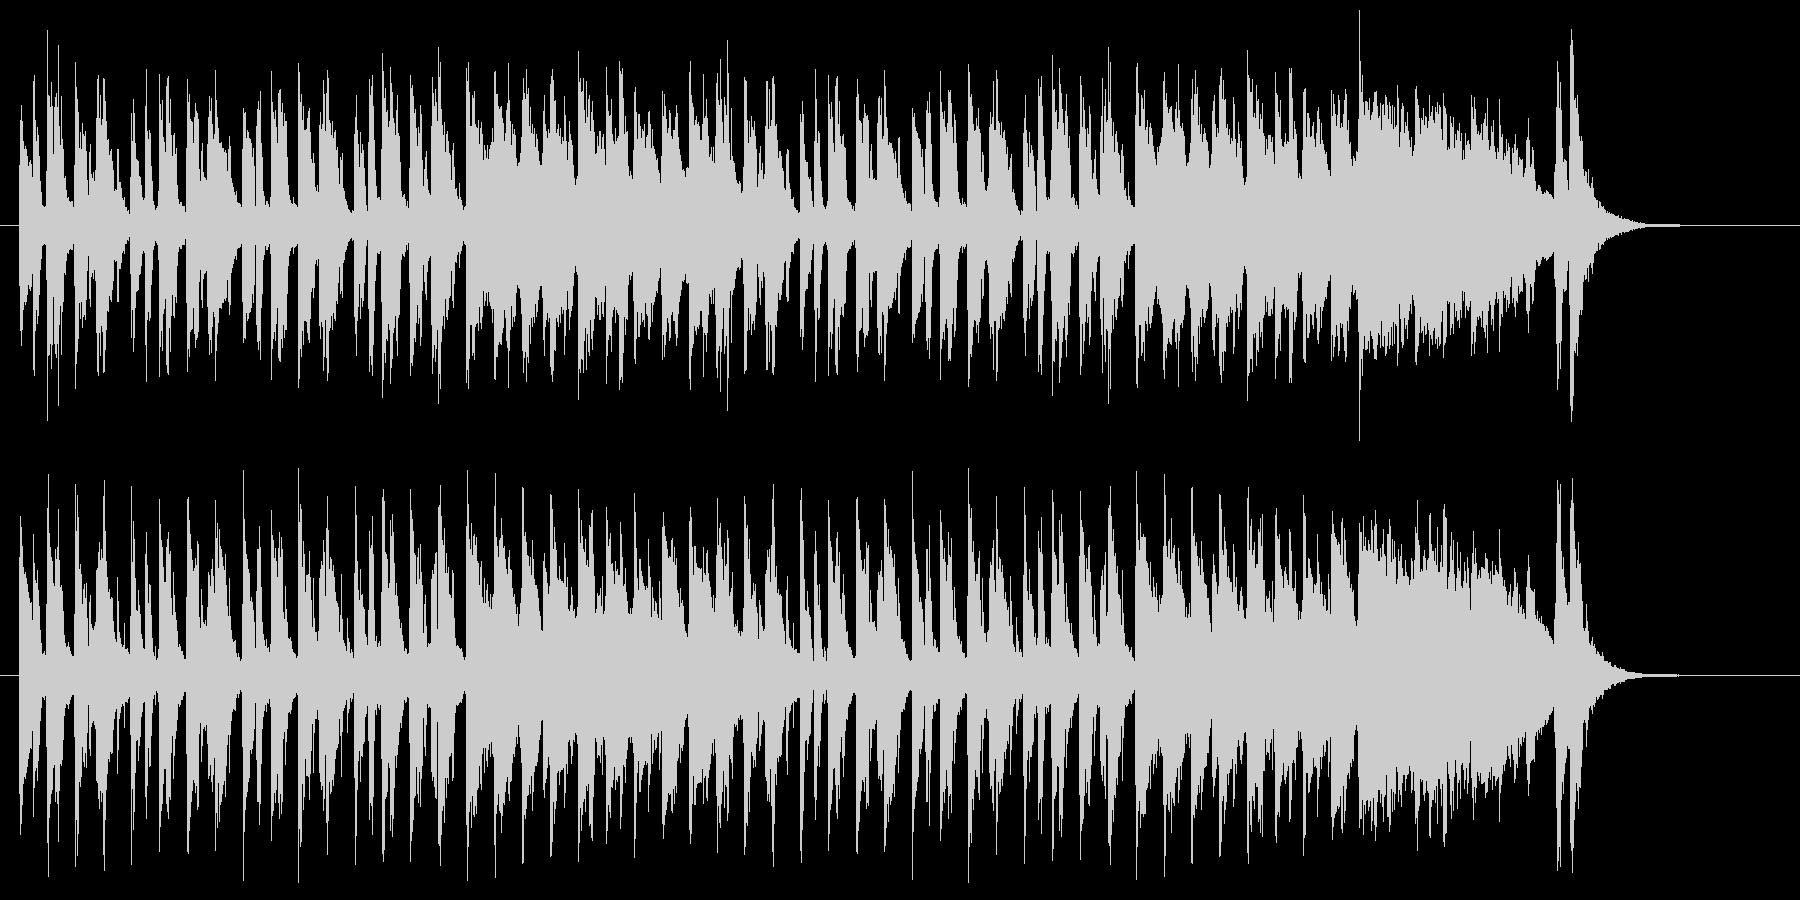 軽快なストリングスのサンバの未再生の波形